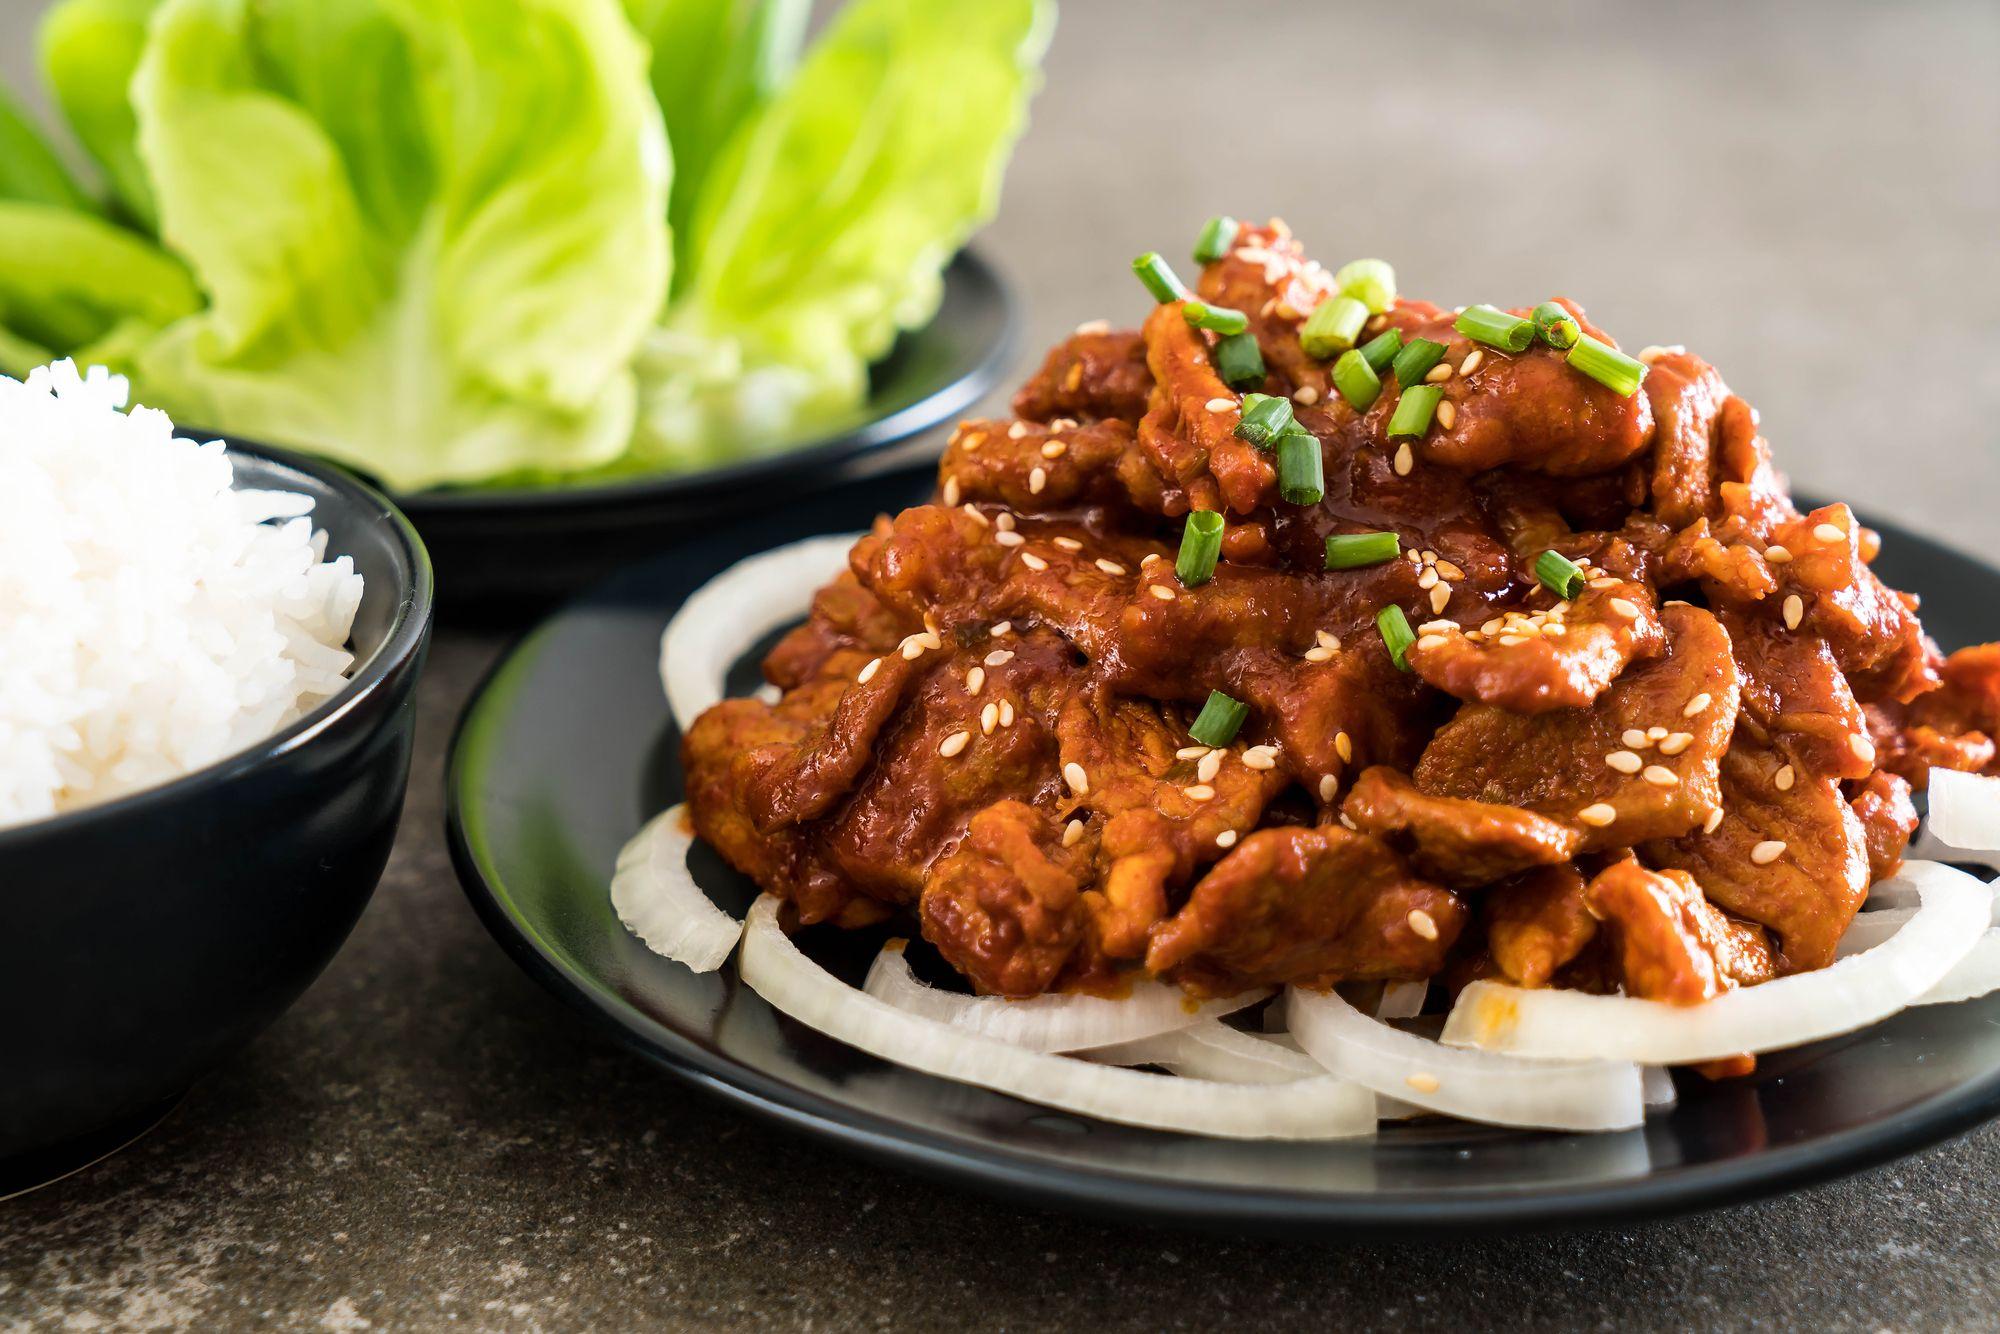 Bulgogi | Bulgogi, Cooking, Asian recipes